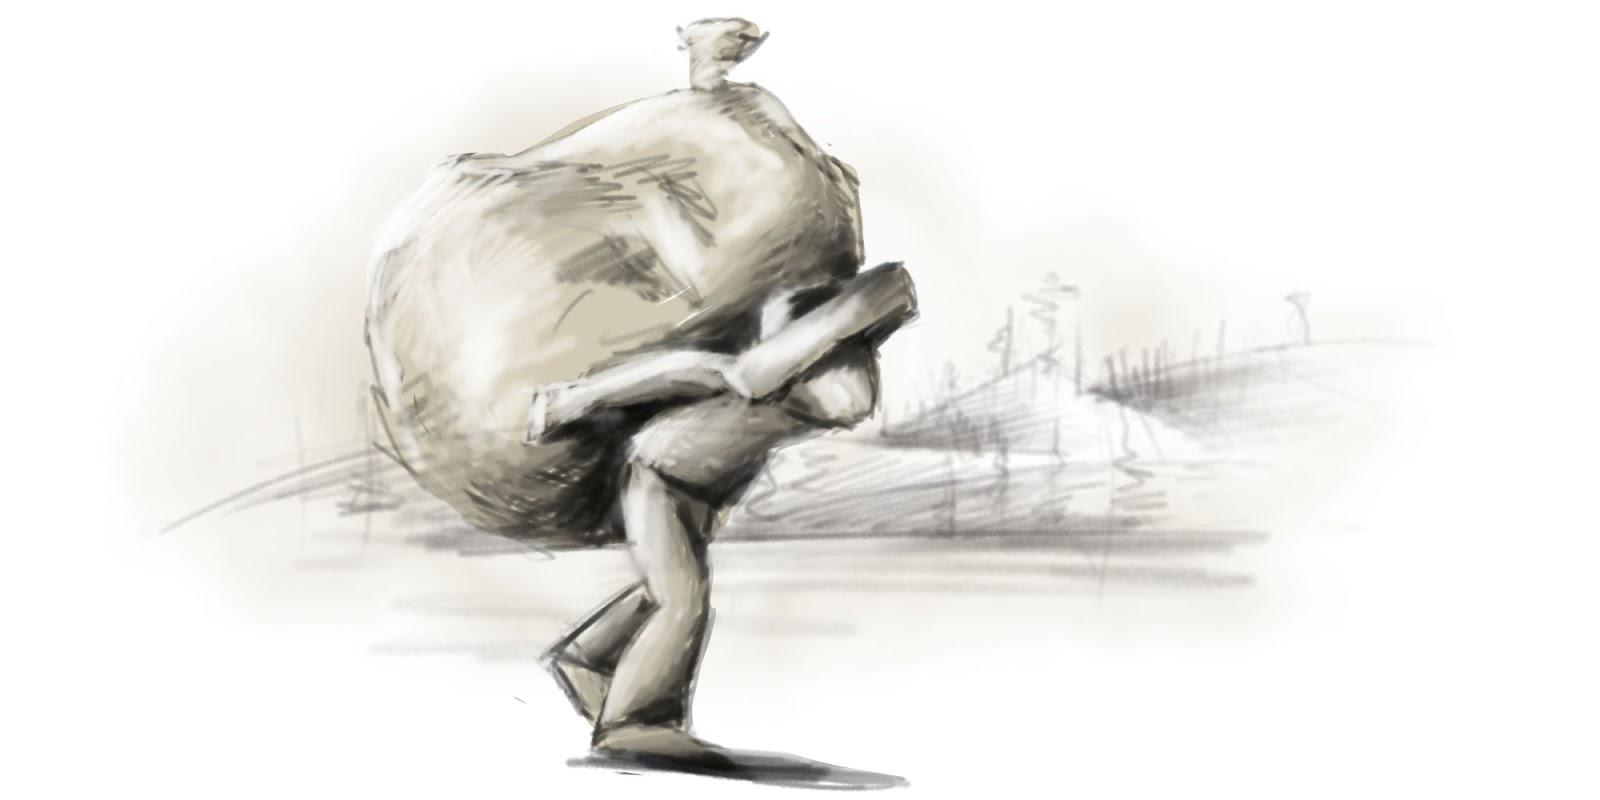 Hrdina je na ceste domov a na chrbte nesie obrovský vak s pokladom.